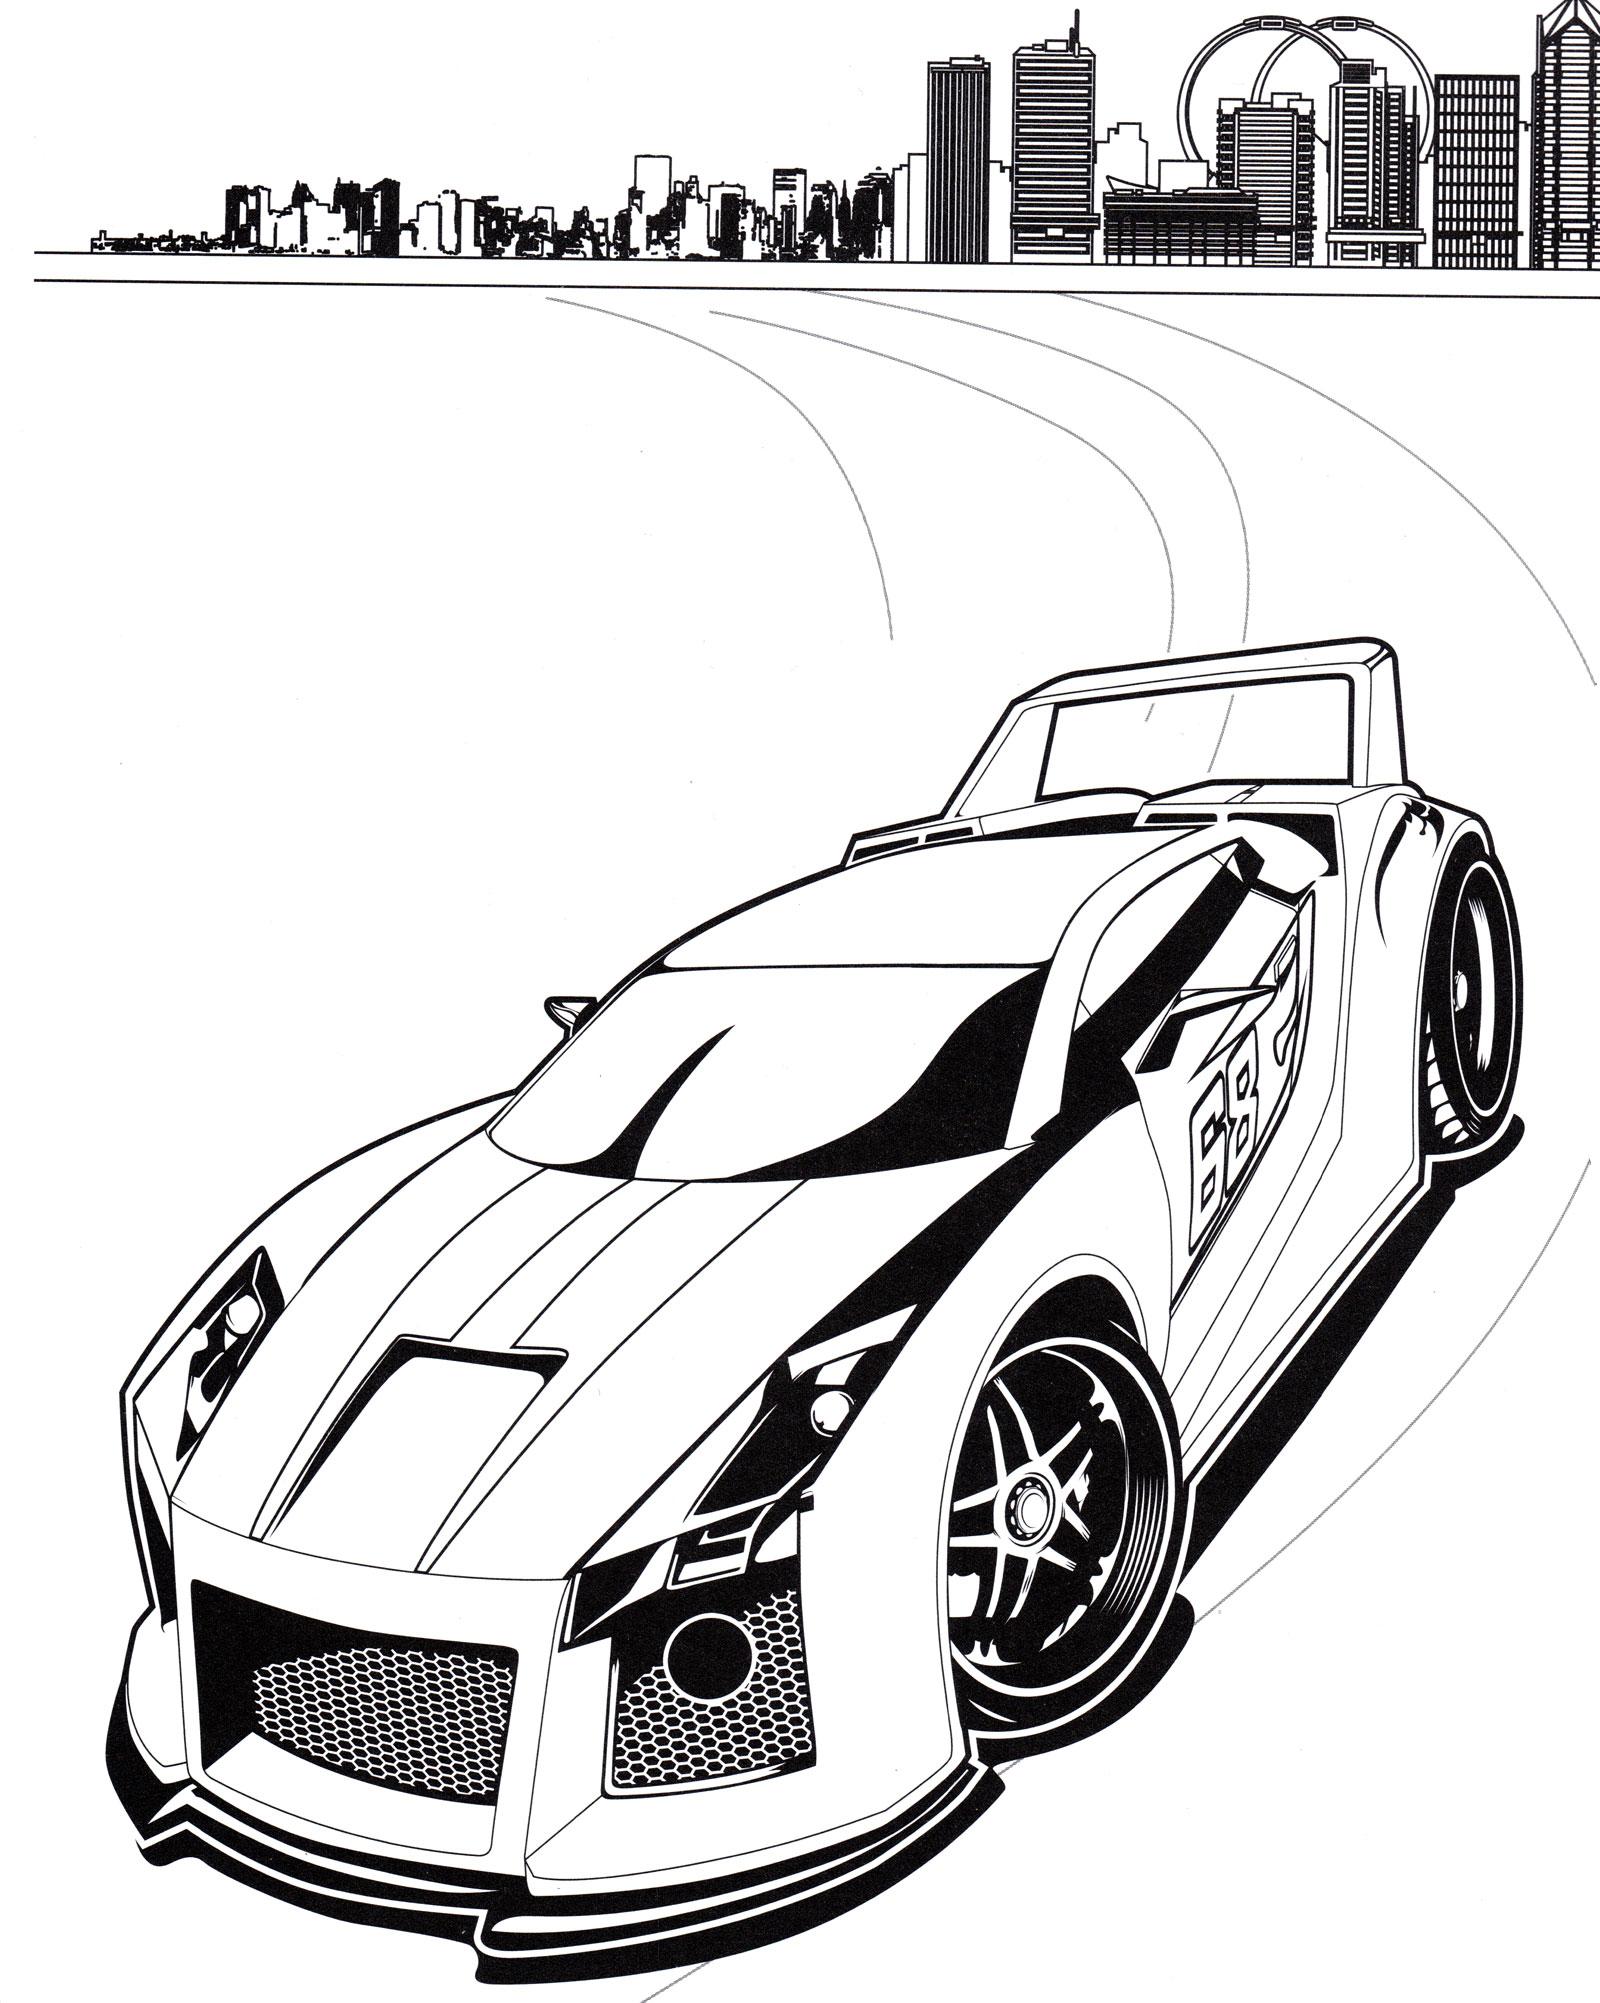 Раскраска Стильный спорткар Хот Вилс - распечатать бесплатно